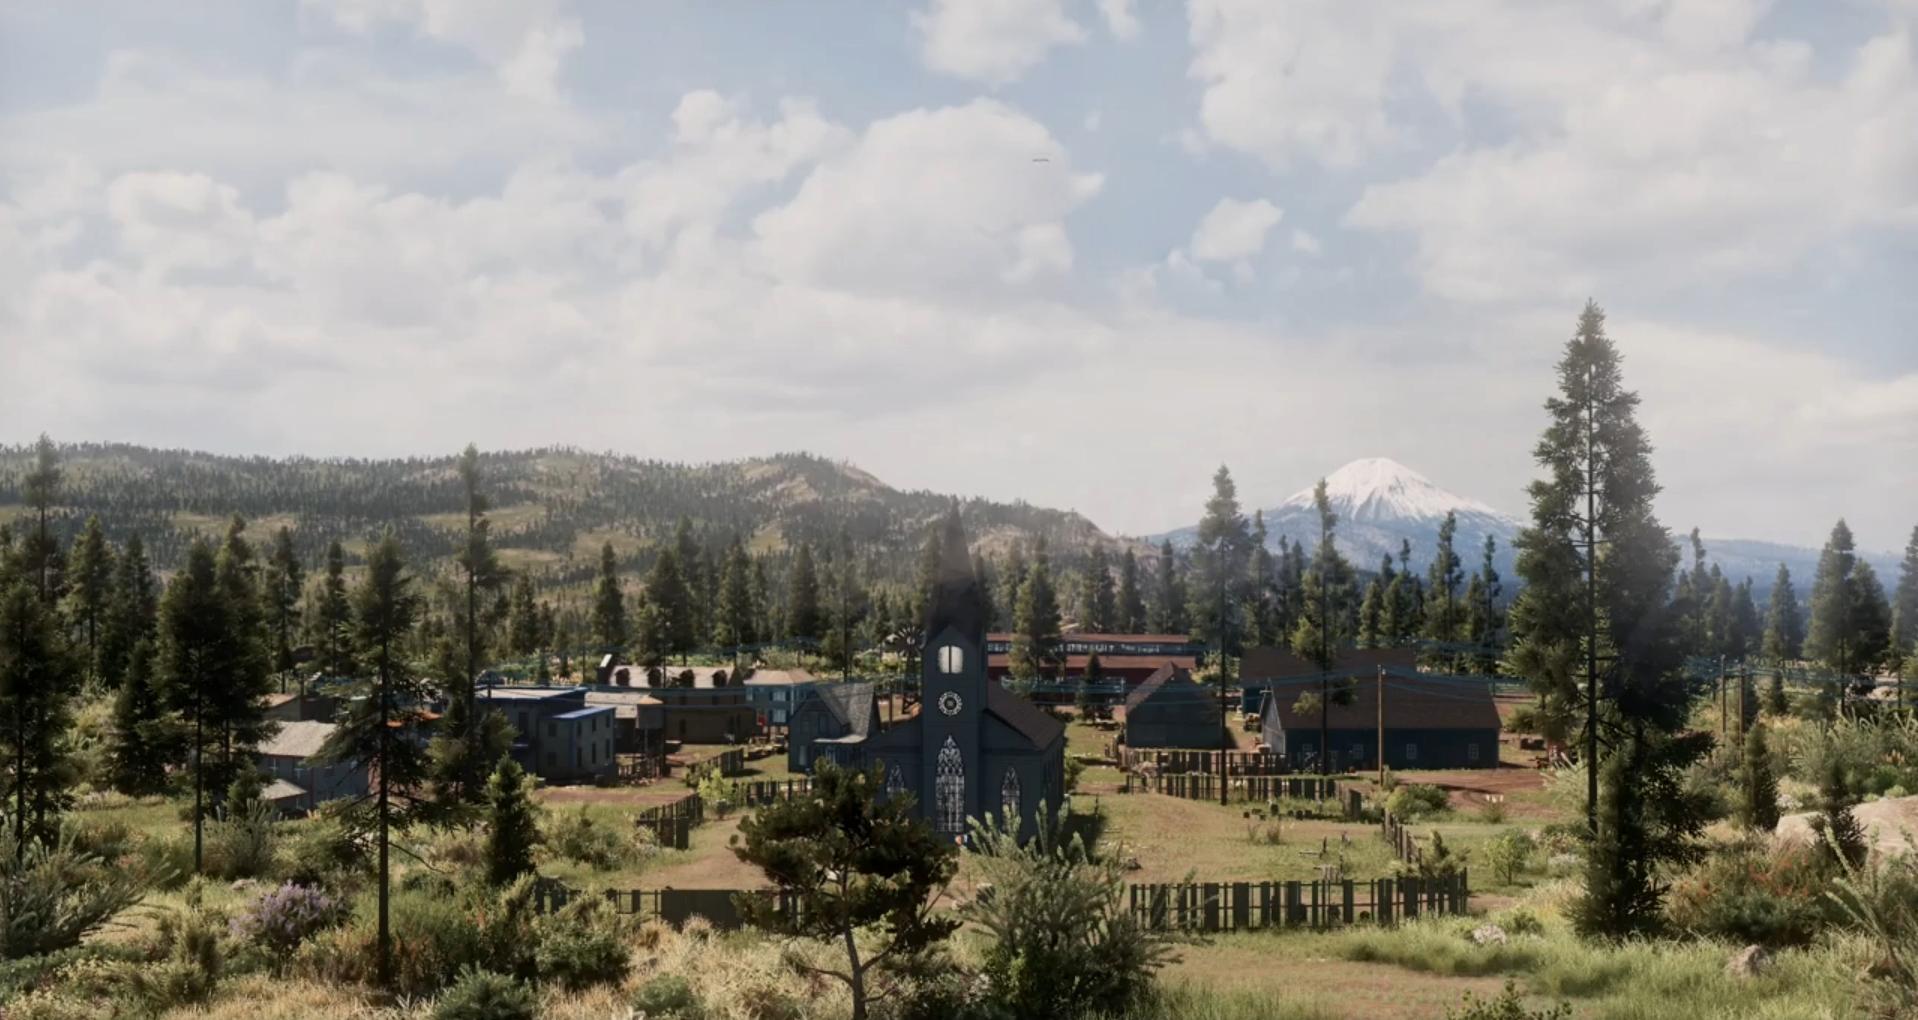 «Это восхитительно»: игрок создал в Cities: Skylines карту с природой и атмосферой Red Dead Redemption 2